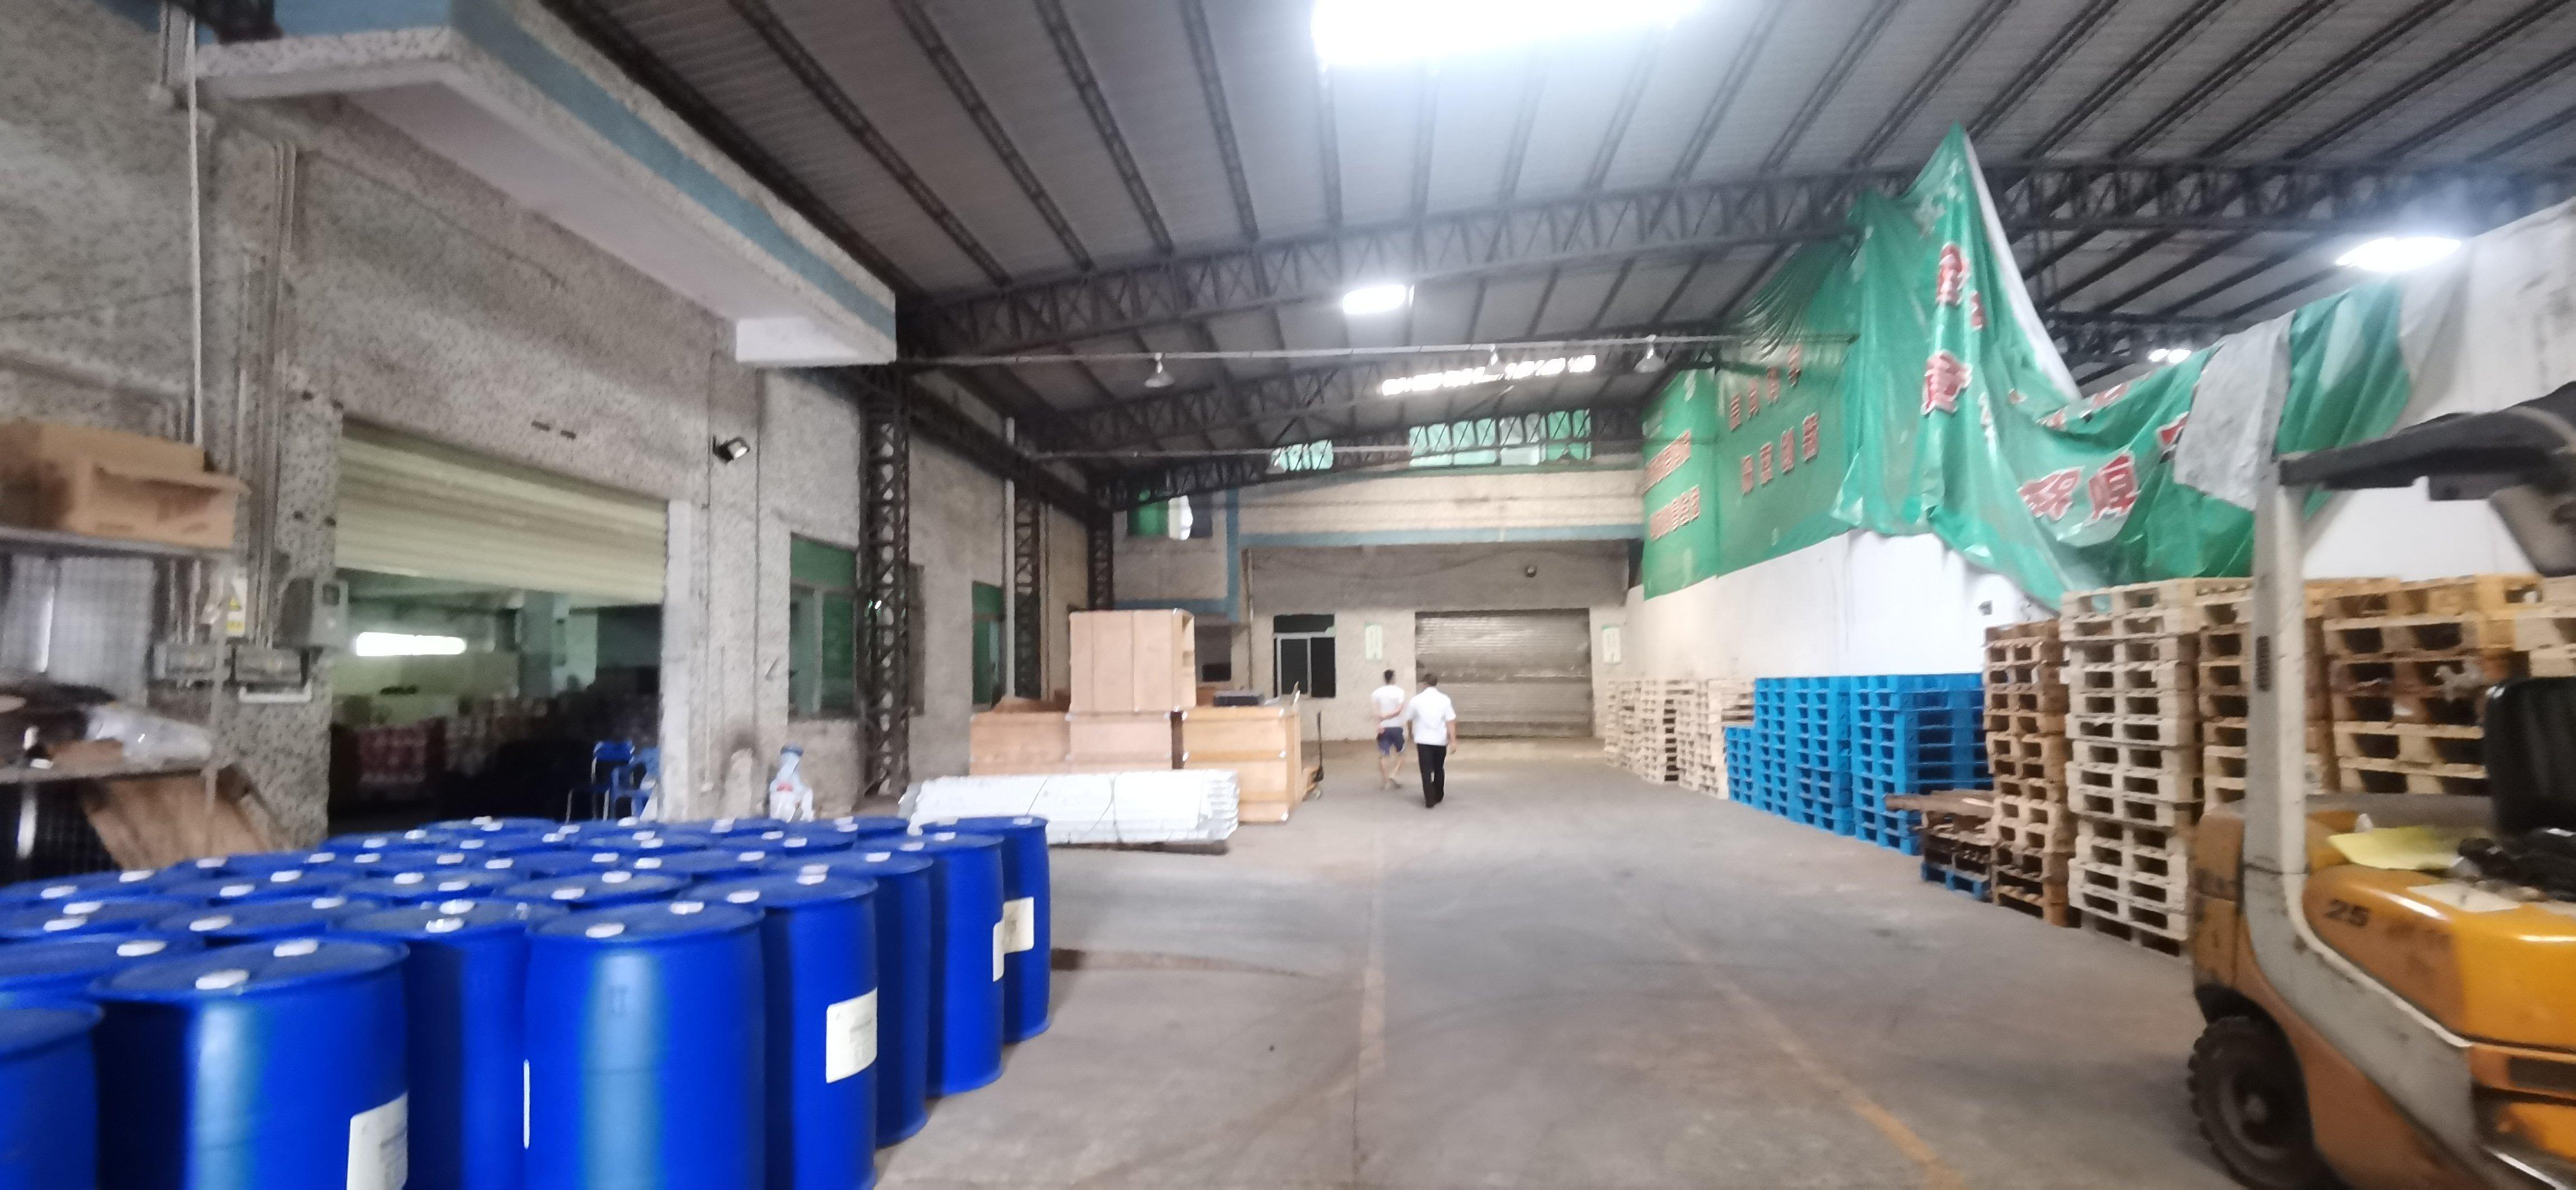 观澜松元新出一楼厂房1100平,可做仓库,物流。